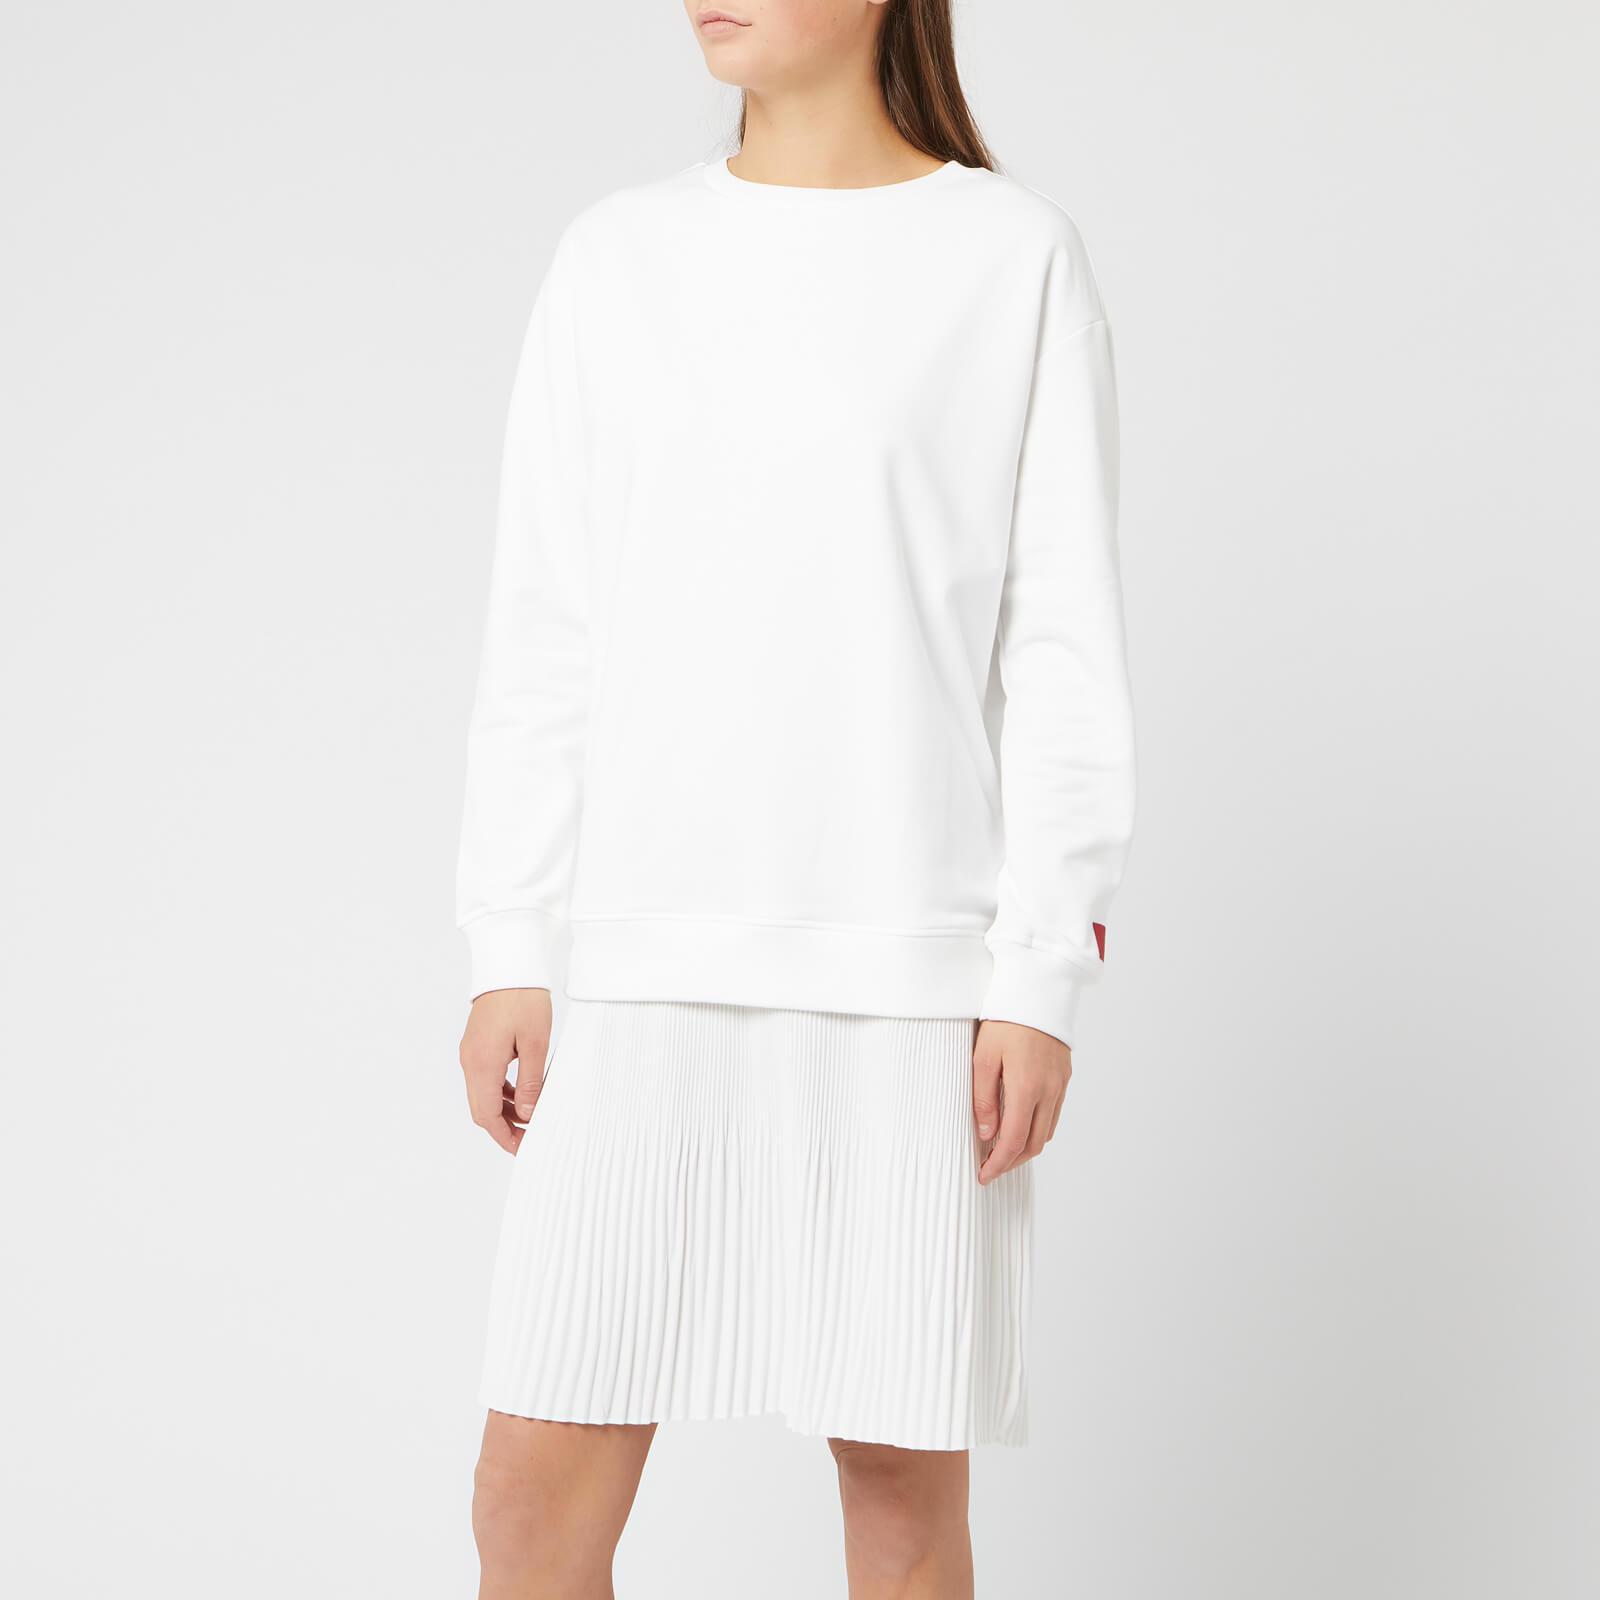 Hugo Boss Women's Nalotta Sweat Dress - Cream - XS